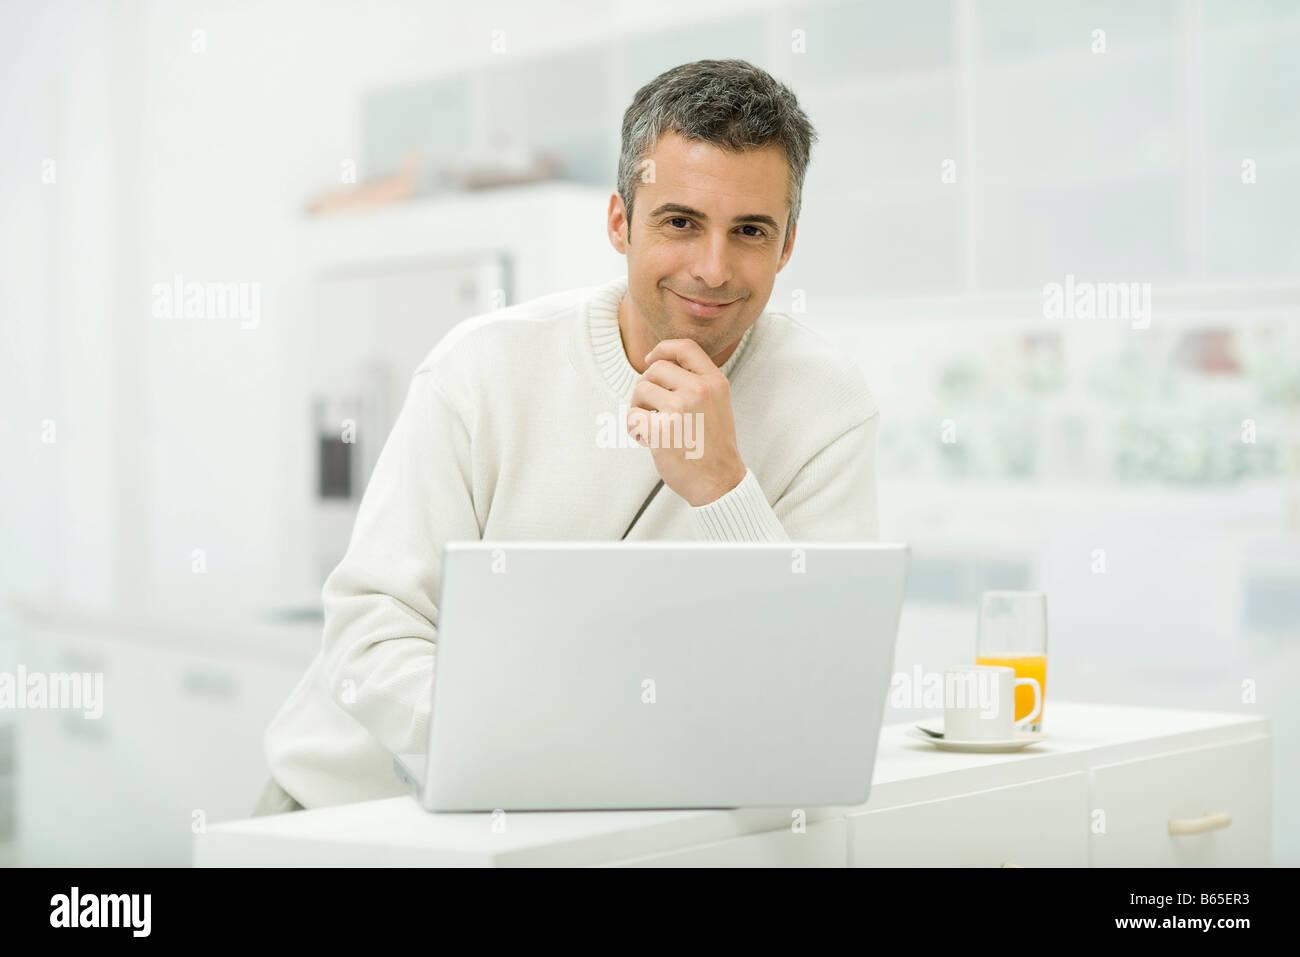 Mann mit Laptop-Computer in Küche, lächelnd in die Kamera Stockbild